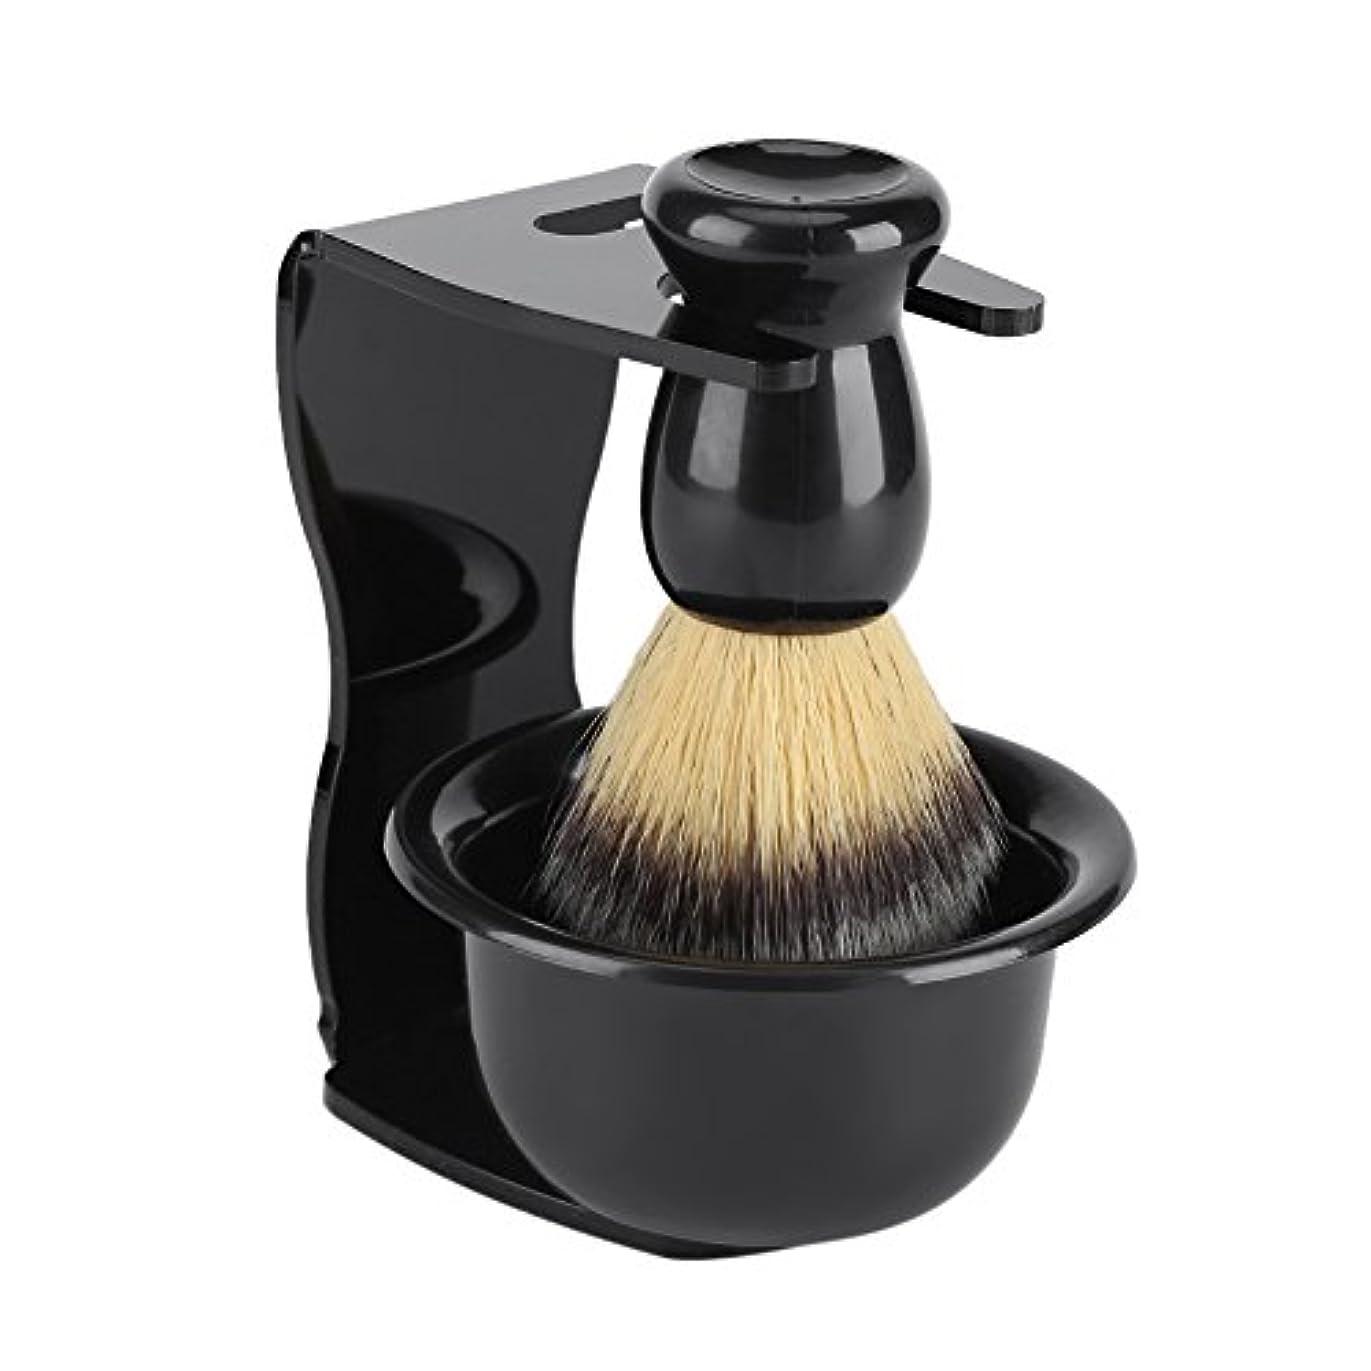 時々時々バンジョー反論者シェービングブラシ 3点セット 純粋なバッガーヘアシェービングブラシ プロフェッショナルメンズ 洗顔 髭 剃り 泡立ち 洗顔ブラシ シェービングブラシ スタンド ホルダー ボウル